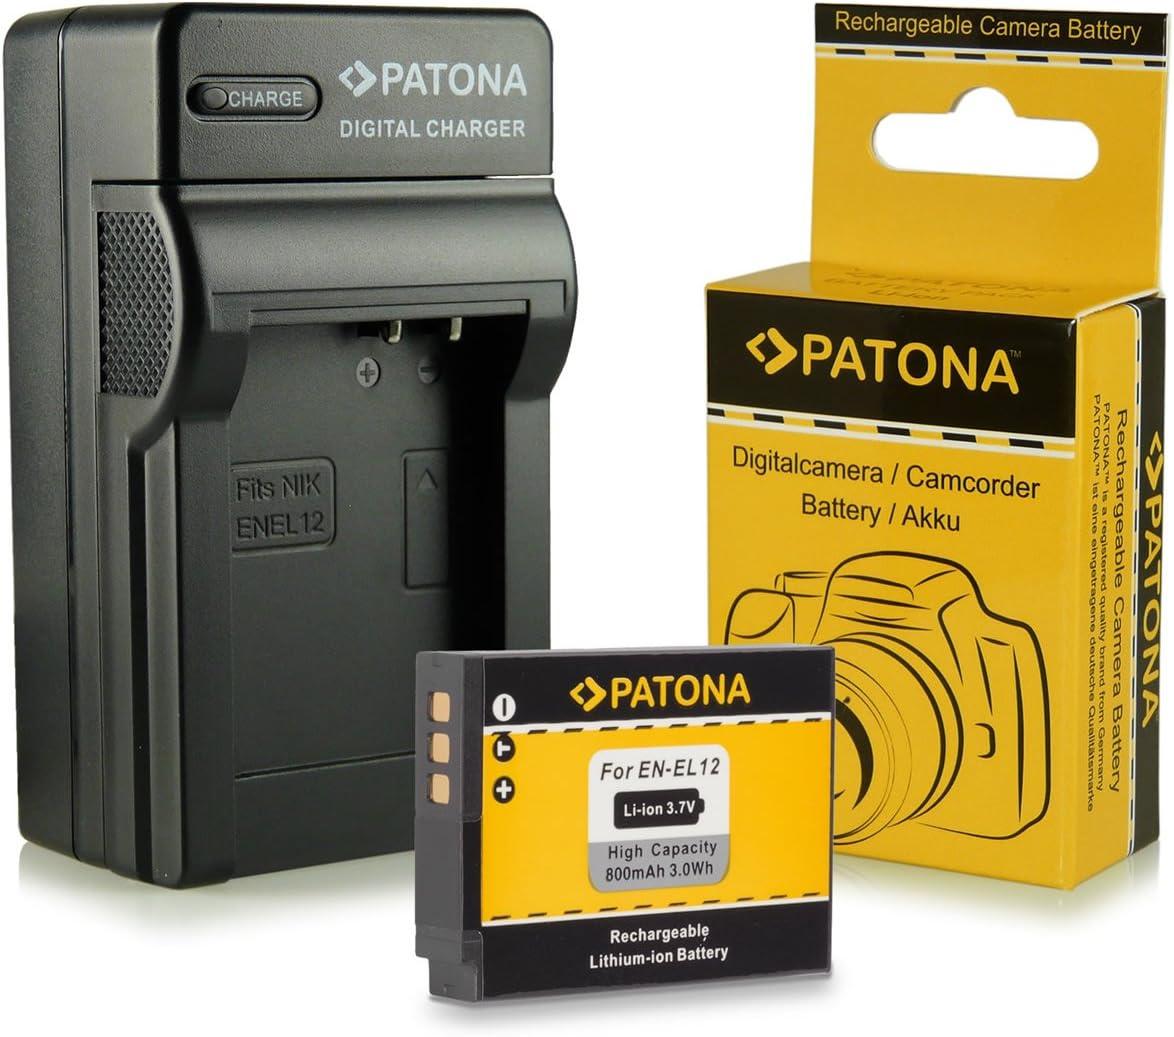 Cargador + Batería EN-EL12 para Nikon CoolPix AW100 | AW110 | P300 | P310 | P330 | S31 | S70 | S710 | S610 | S610c | S620 | S630 | S640 | S800c | S1000pj | S6100 | S6300 | S6400 | S8000 | S8100 | S910